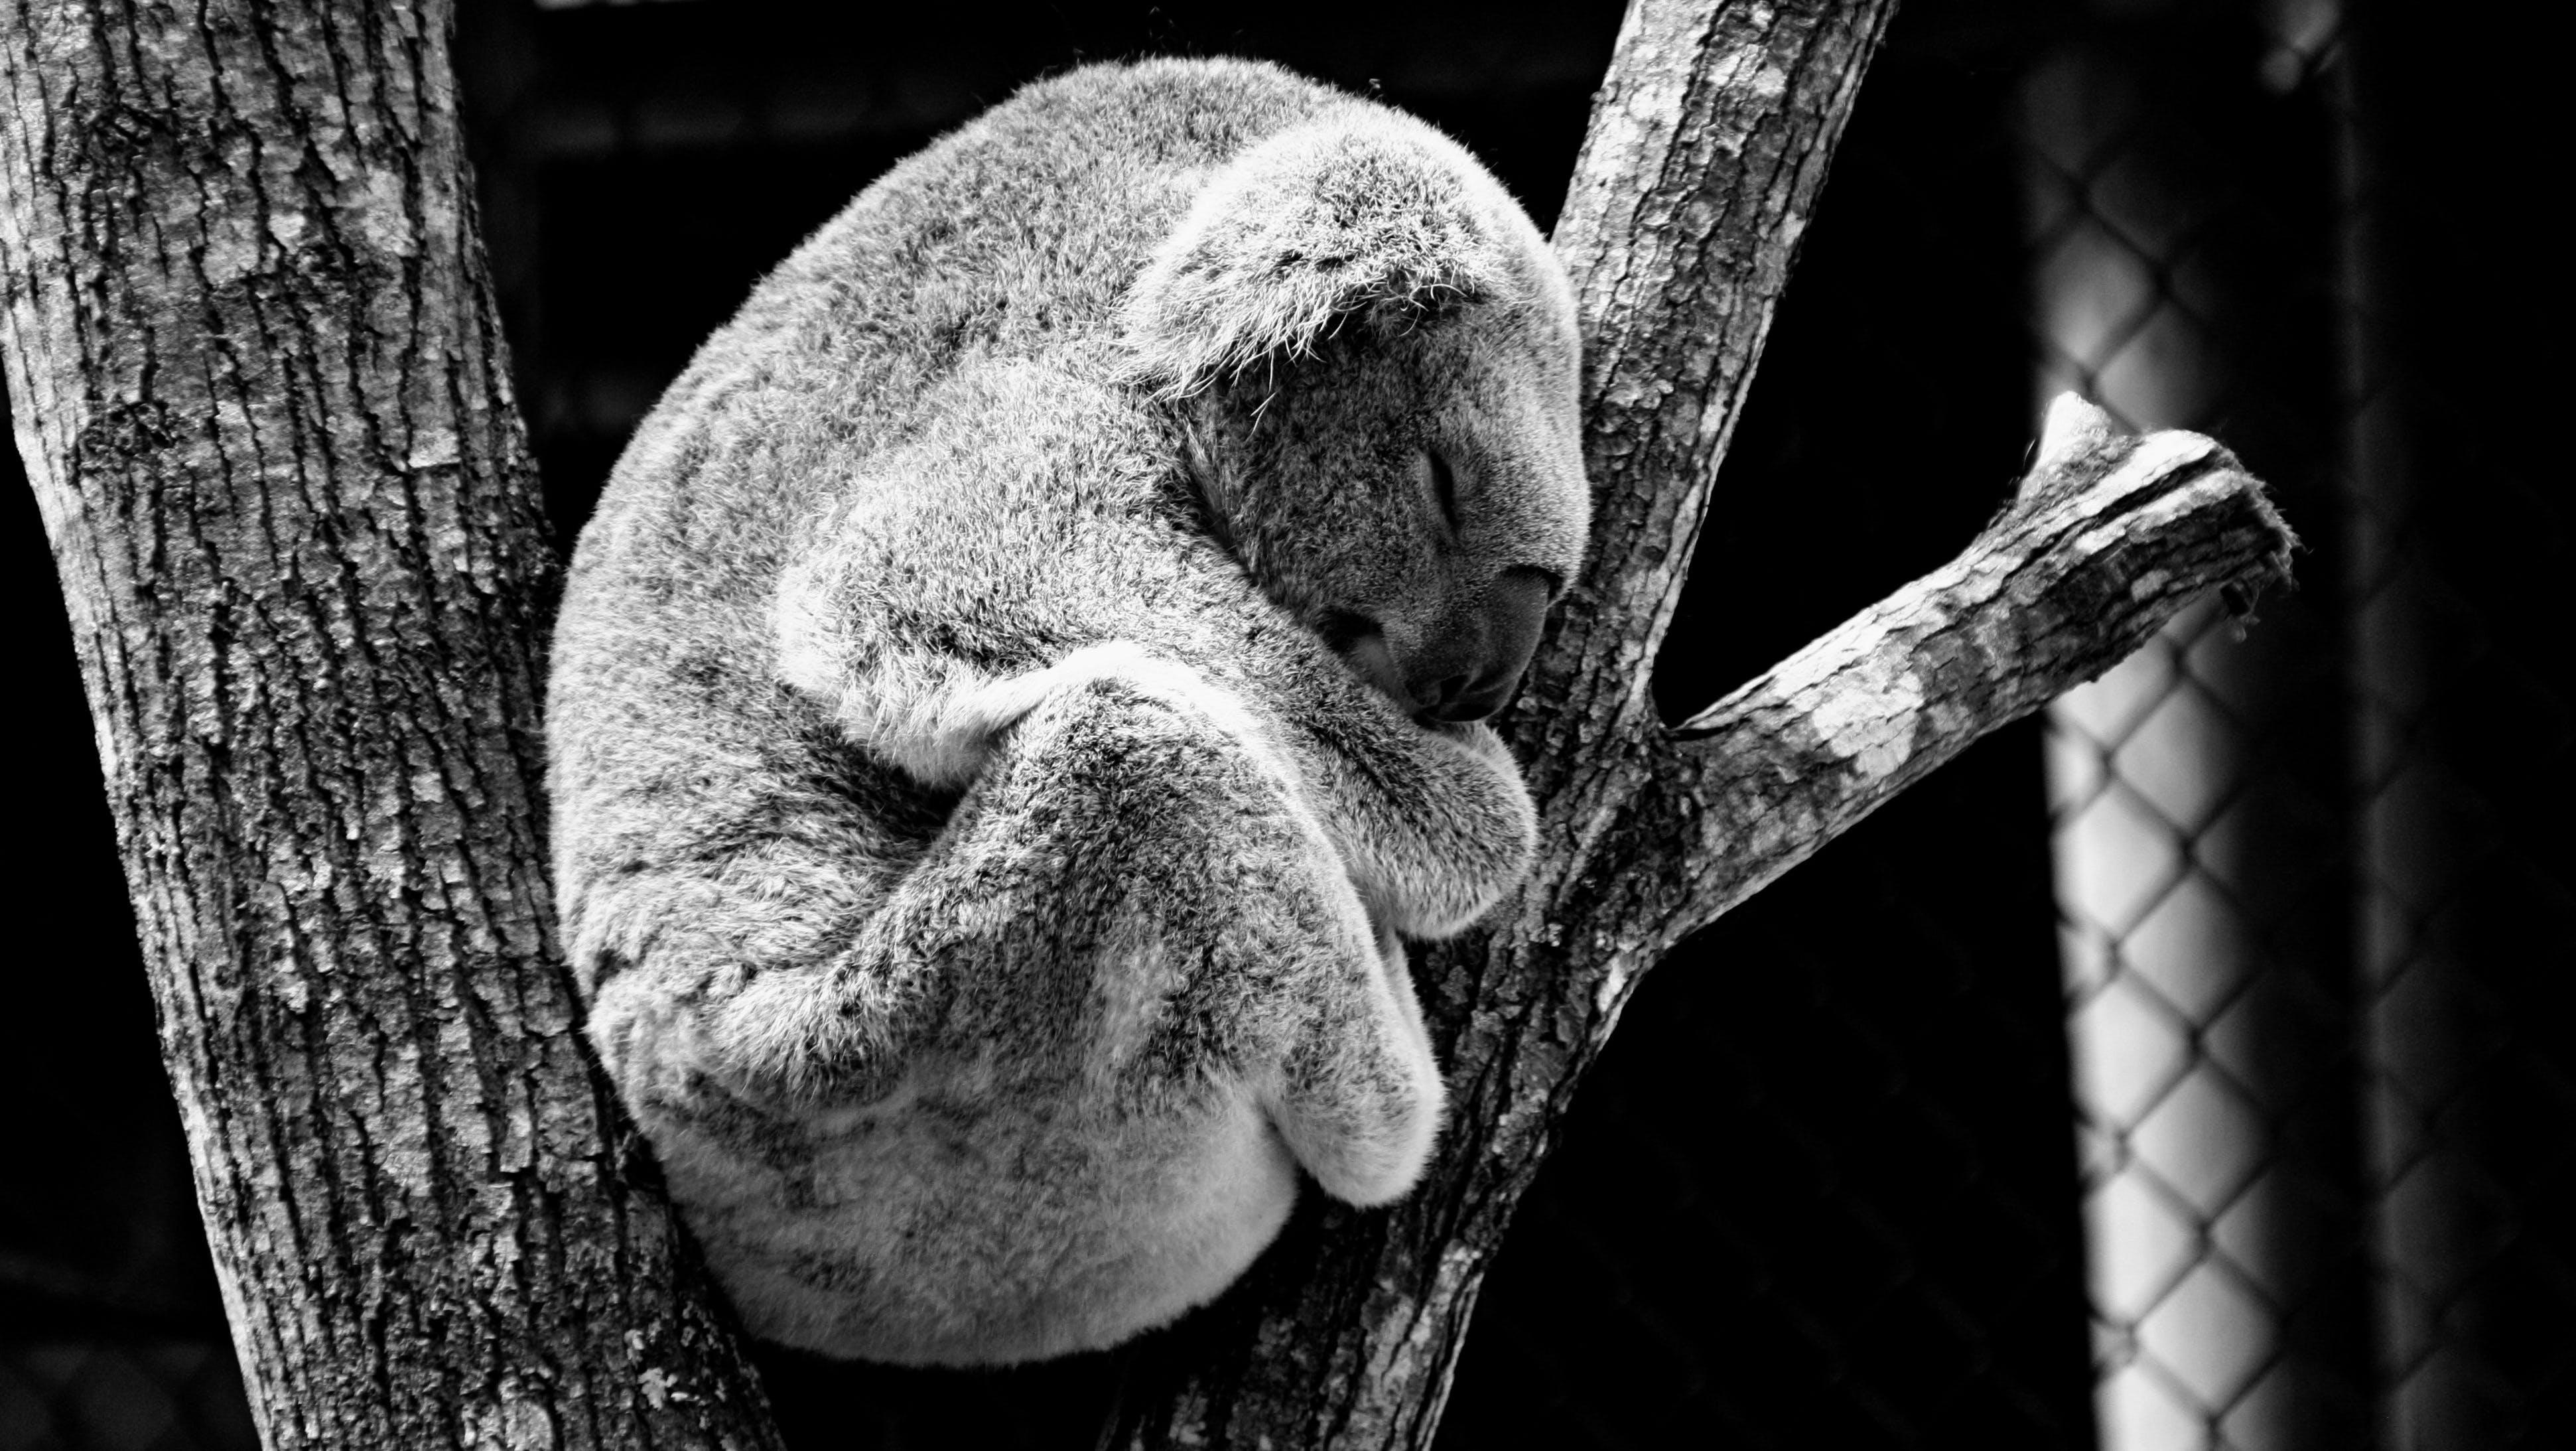 ayı, dayanma, hayvan, hayvanat bahçesi içeren Ücretsiz stok fotoğraf